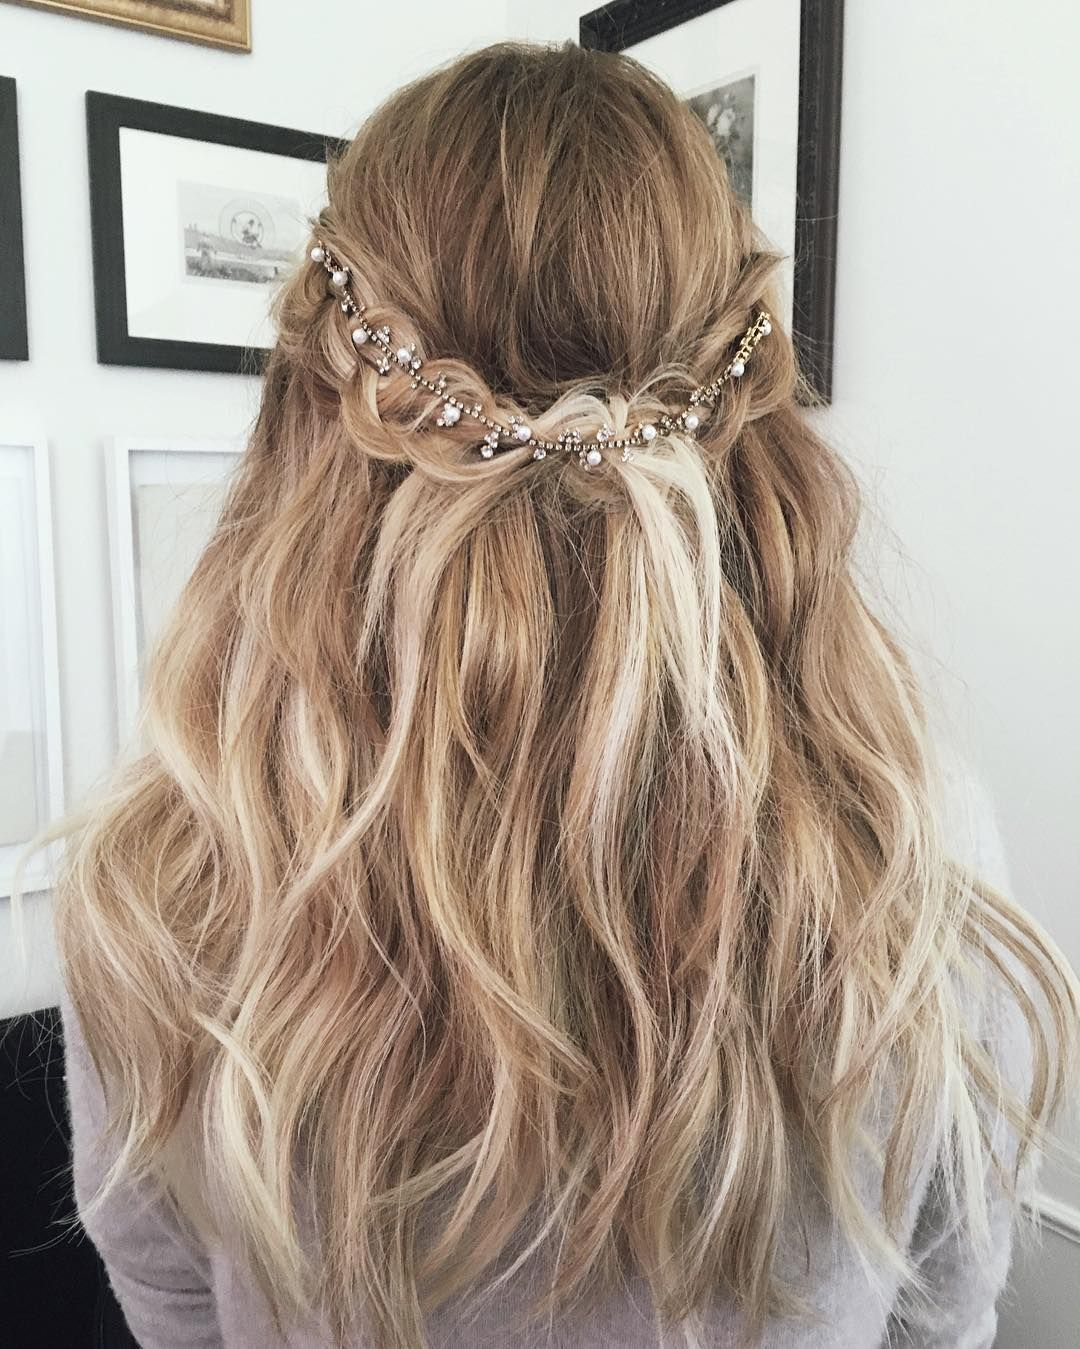 Frisur Haare Offen Geflochten